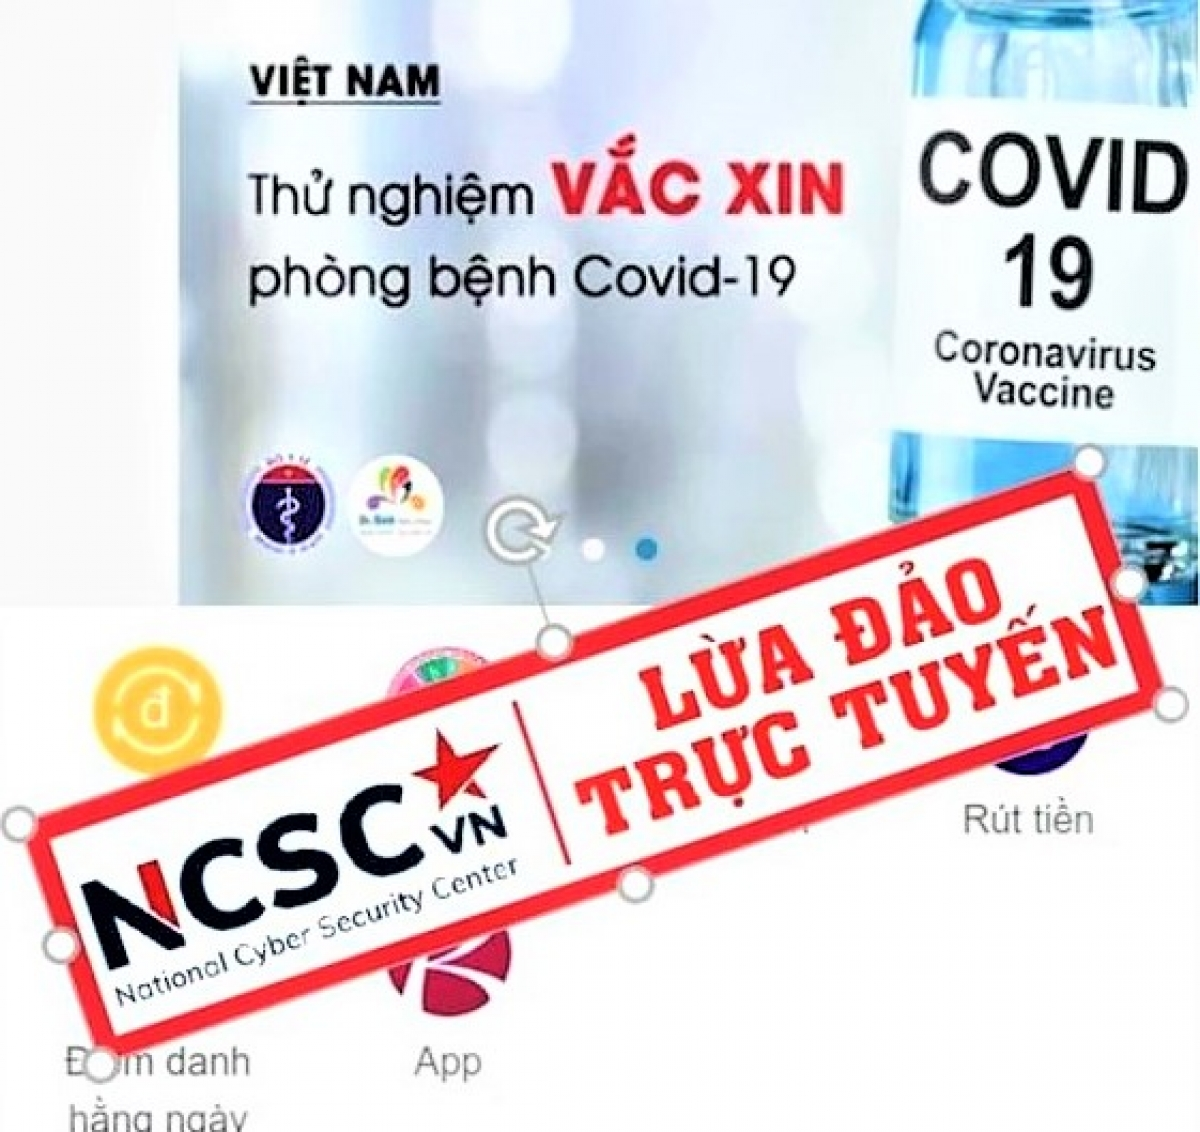 Đối tượng lừa đảo sử dụng mạng xã hội quảng bá các sản phẩm mạo nhận có khả năng phòng ngừa virus như vaccine để lừa nạn nhân